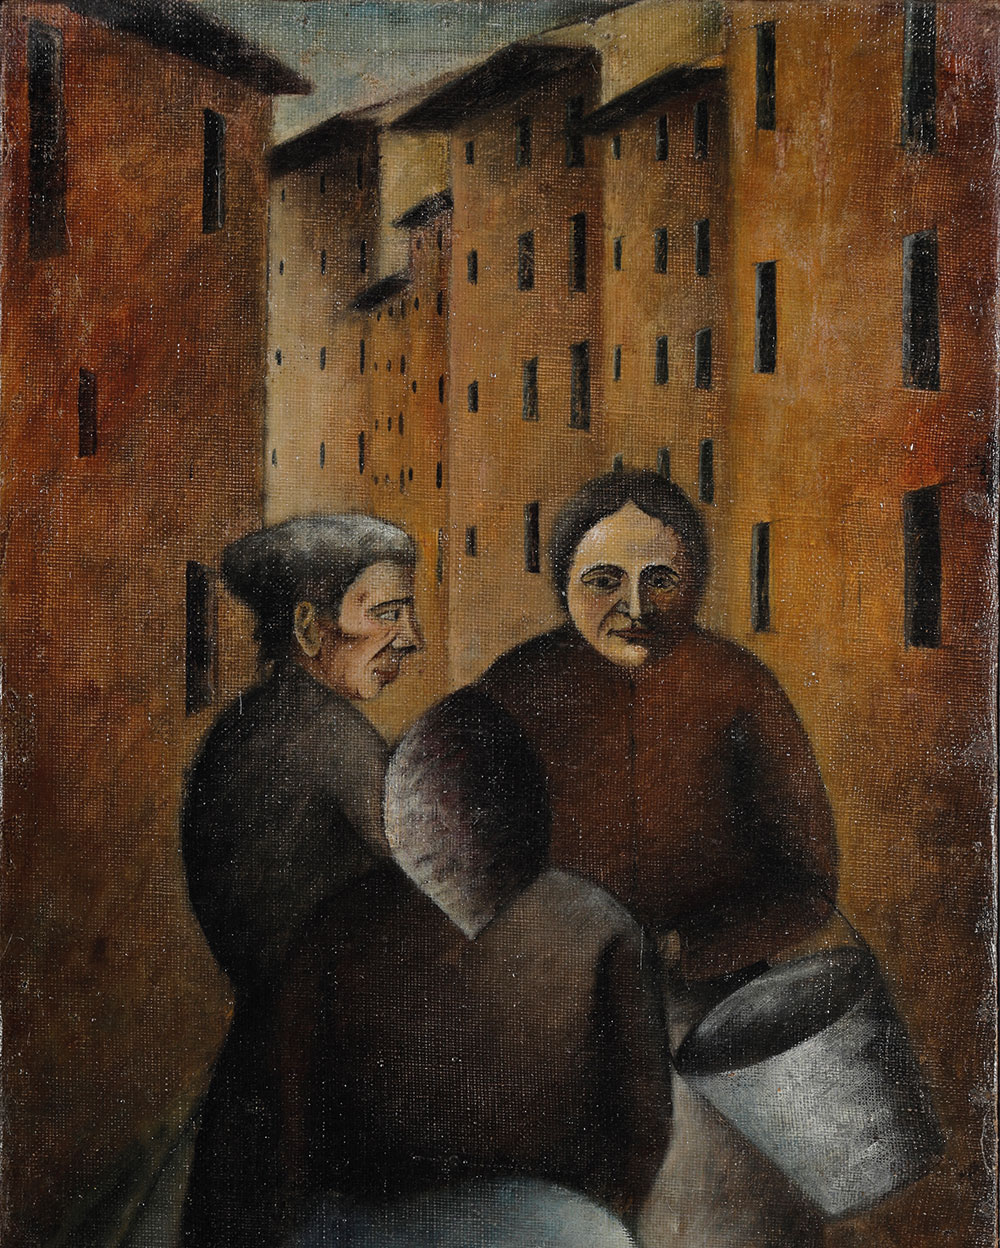 In arrivo a Montevarchi la mostra dedicata a Ottone Rosai con inediti